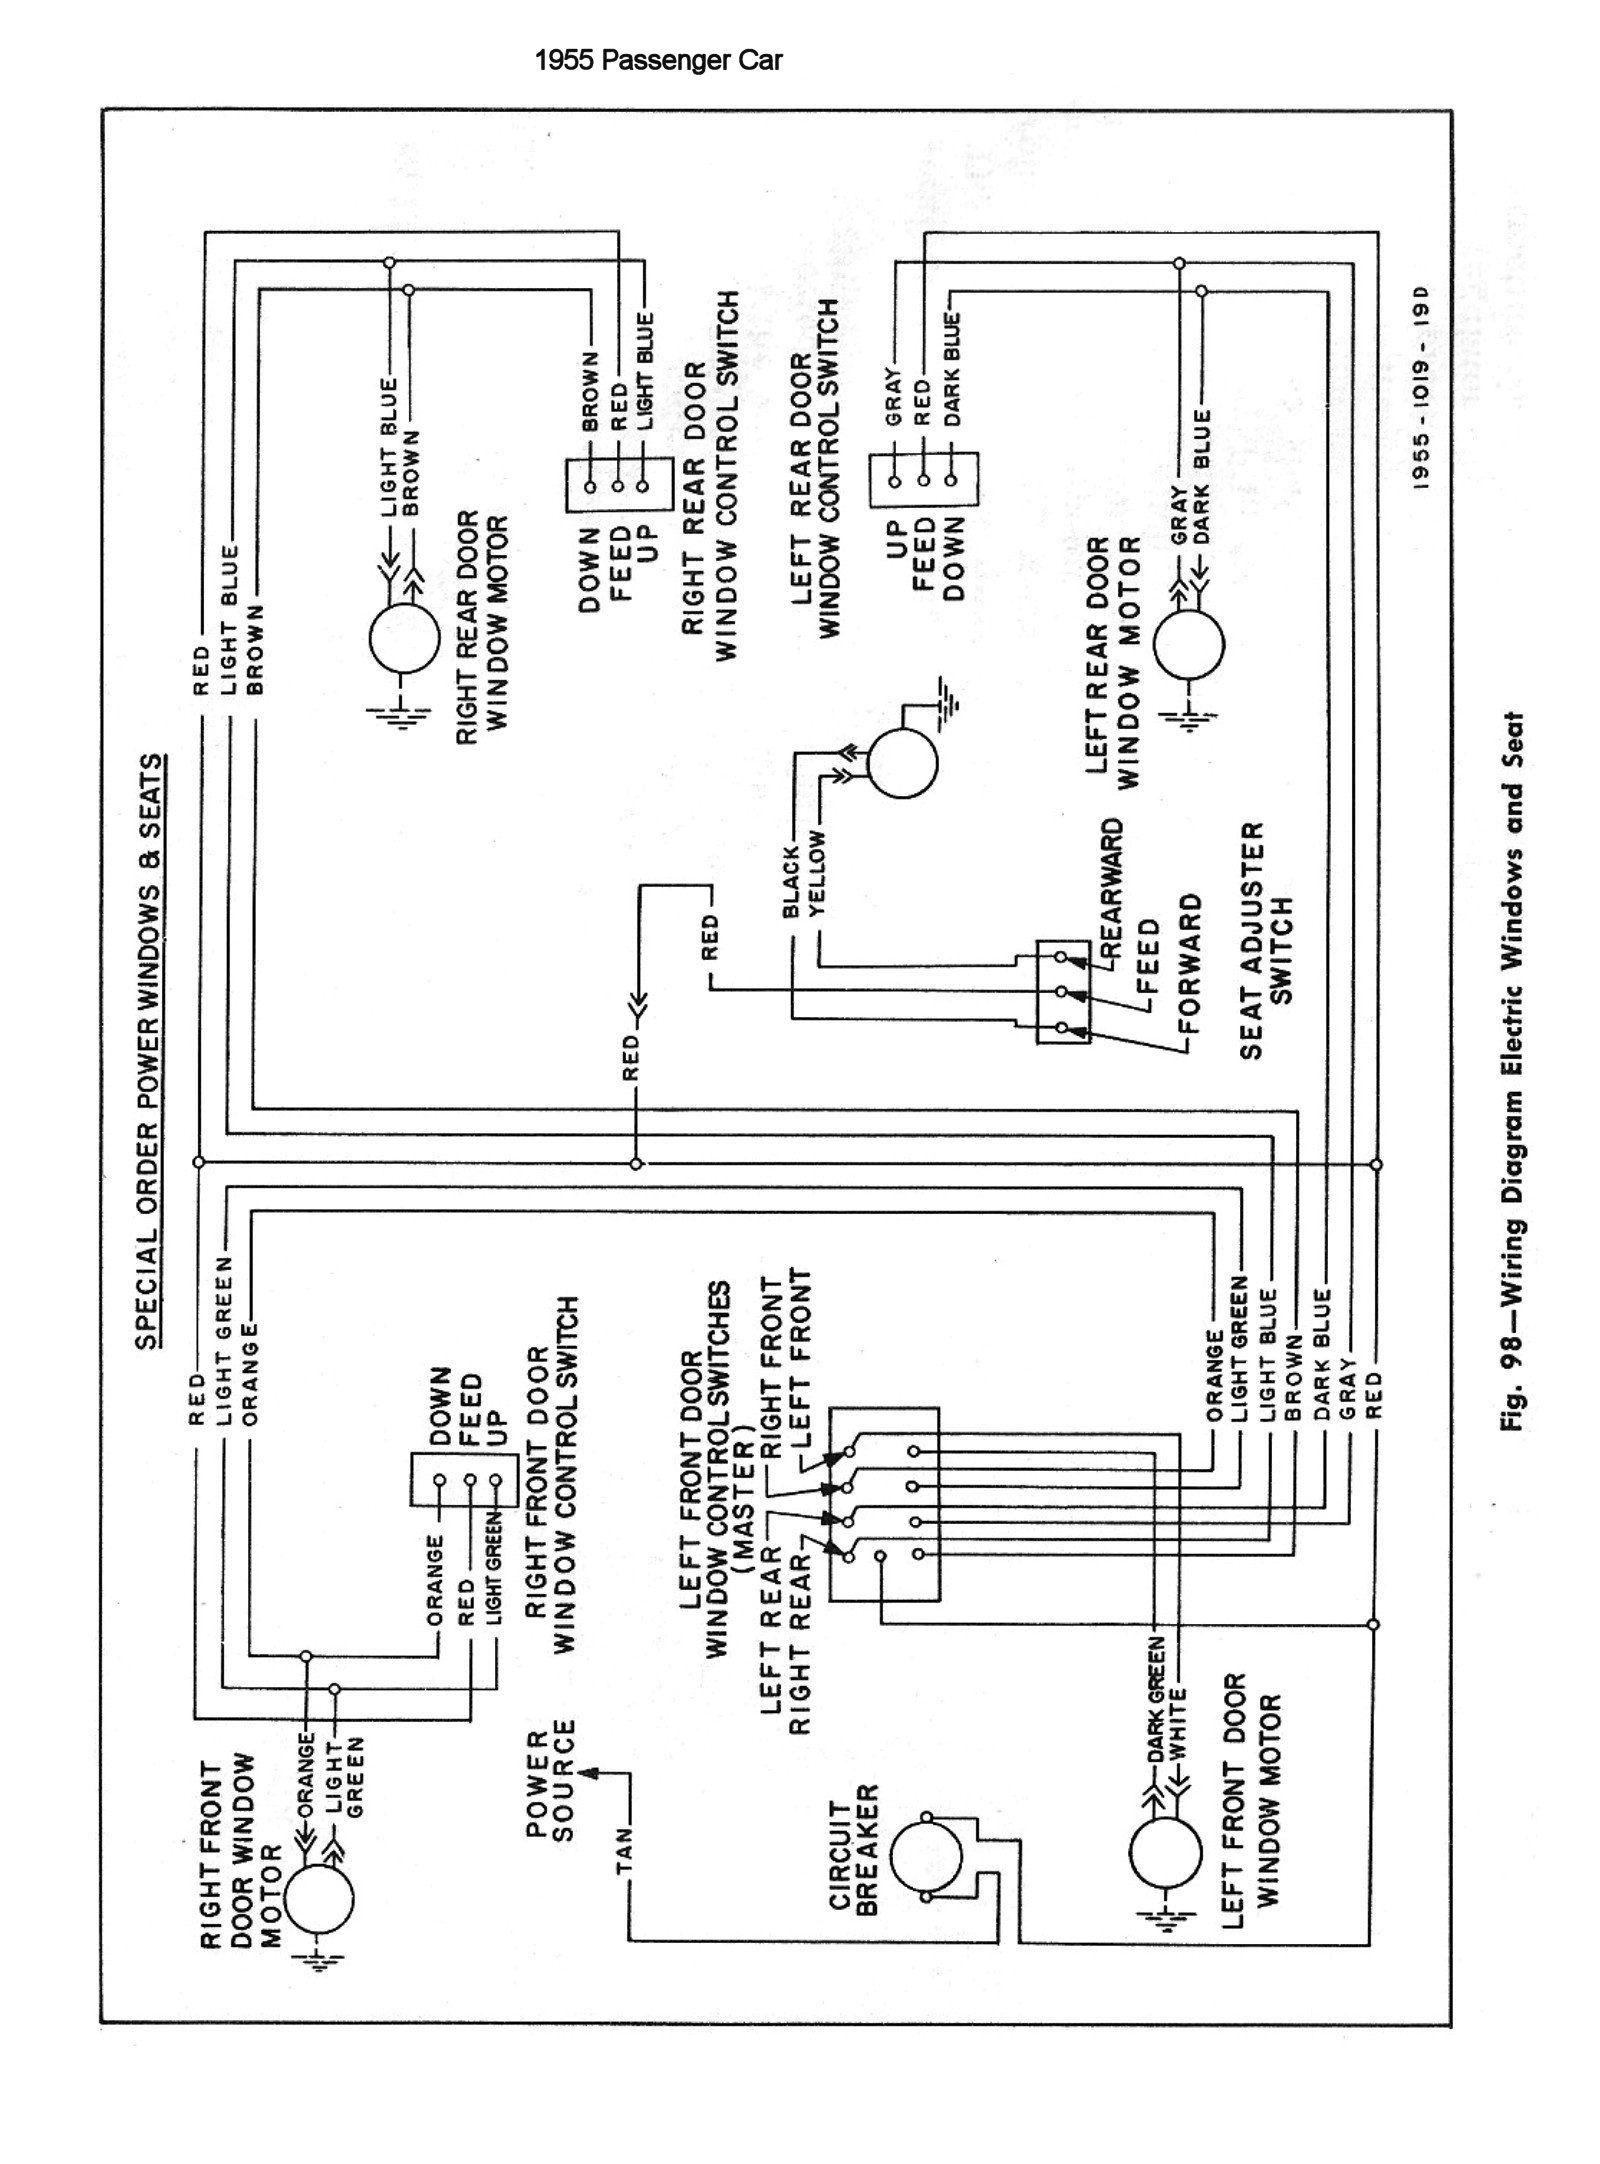 1955 Chevy Turn Signal Wiring Diagram | WiringDiagram